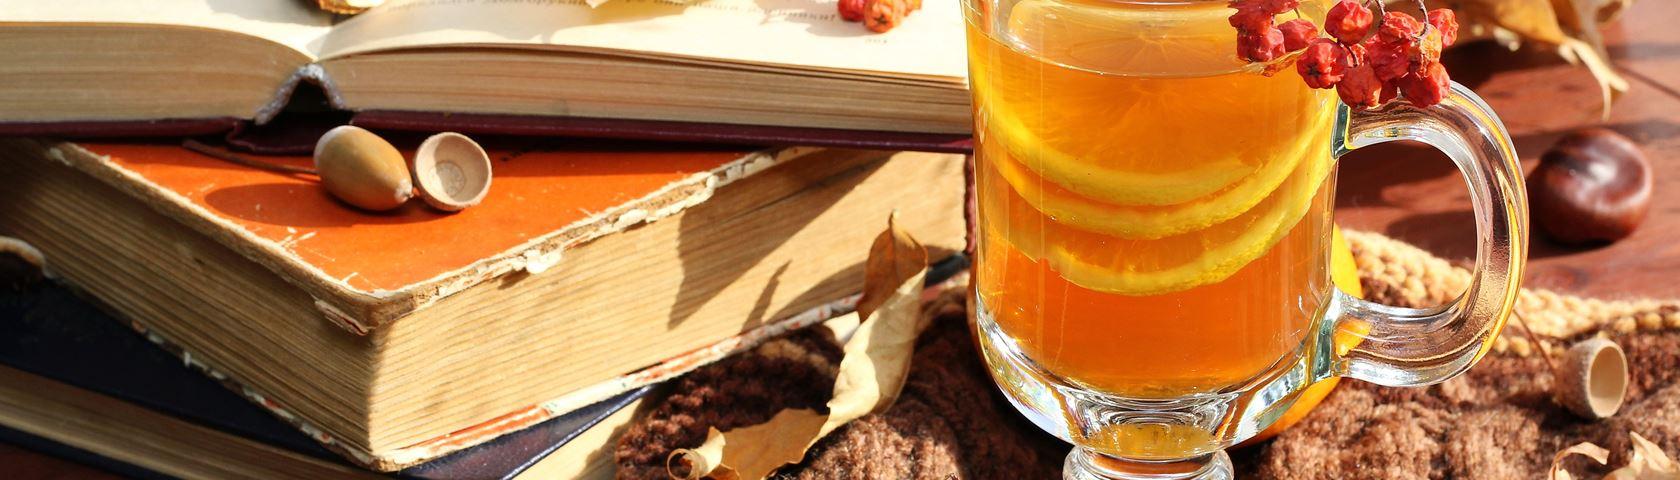 Warm Autumn Tea